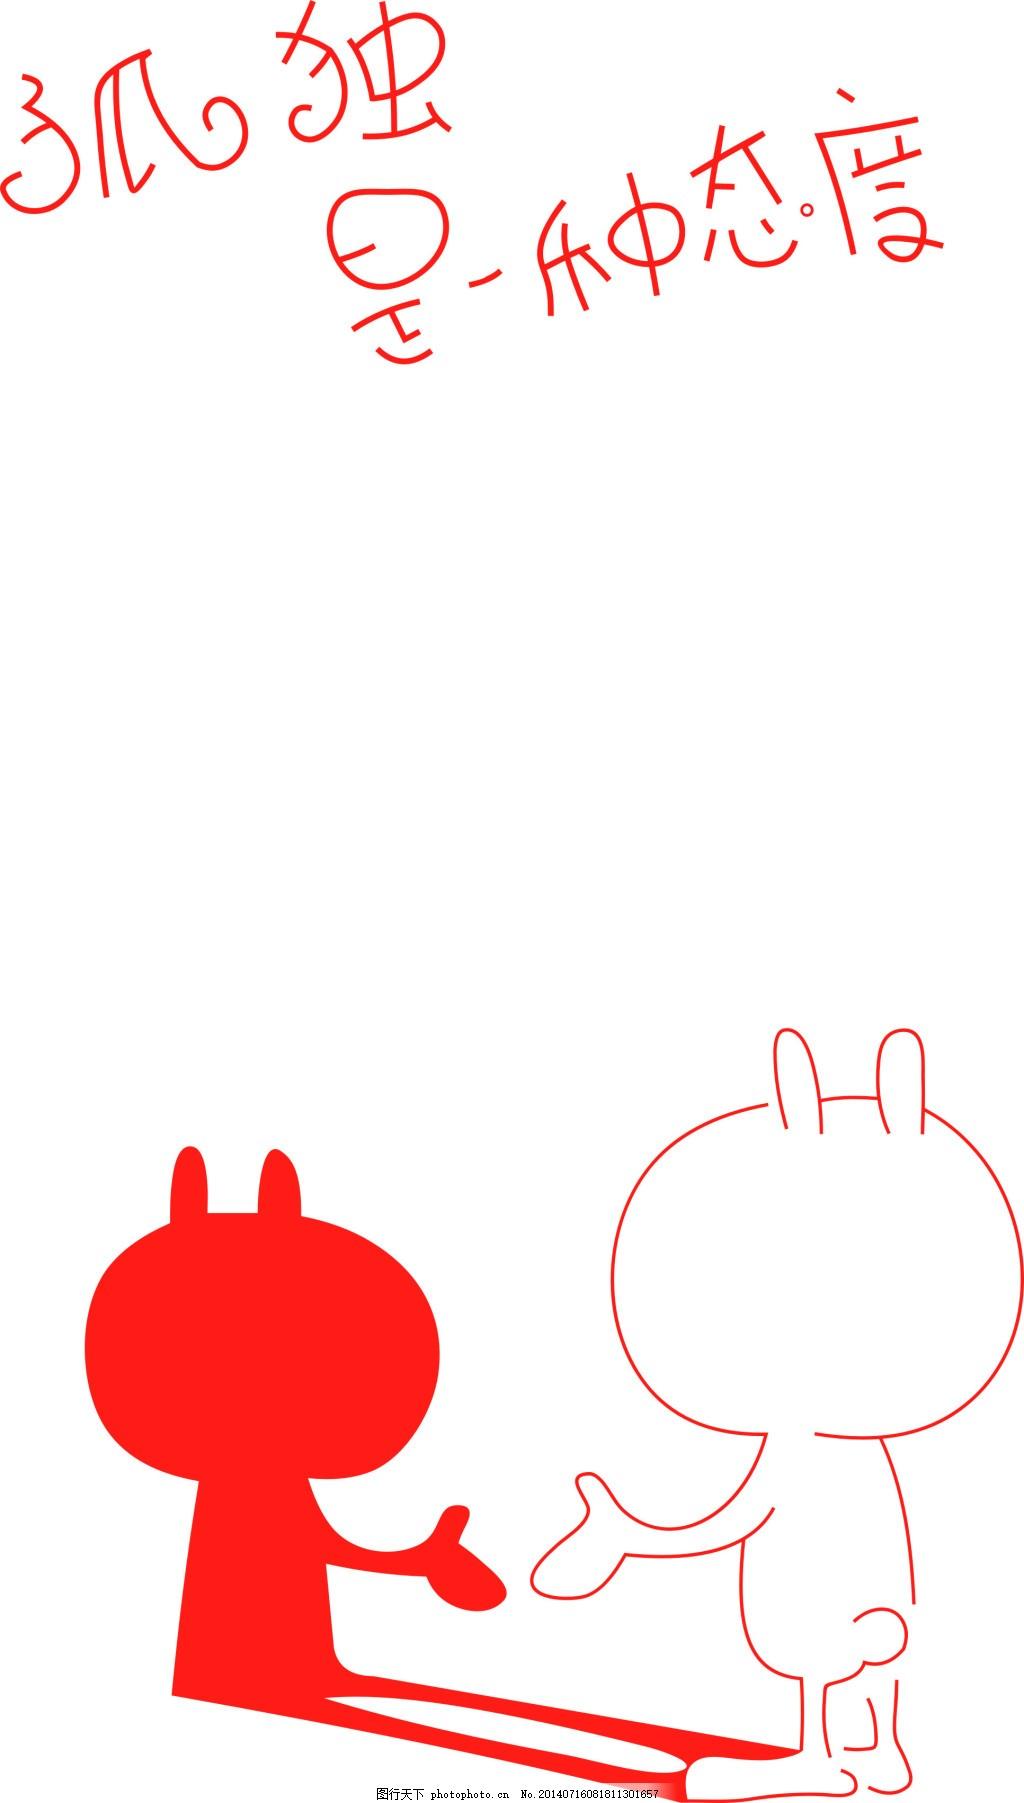 设计图库 动漫卡通 卡通动物    上传: 2015-3-25 大小: 43.